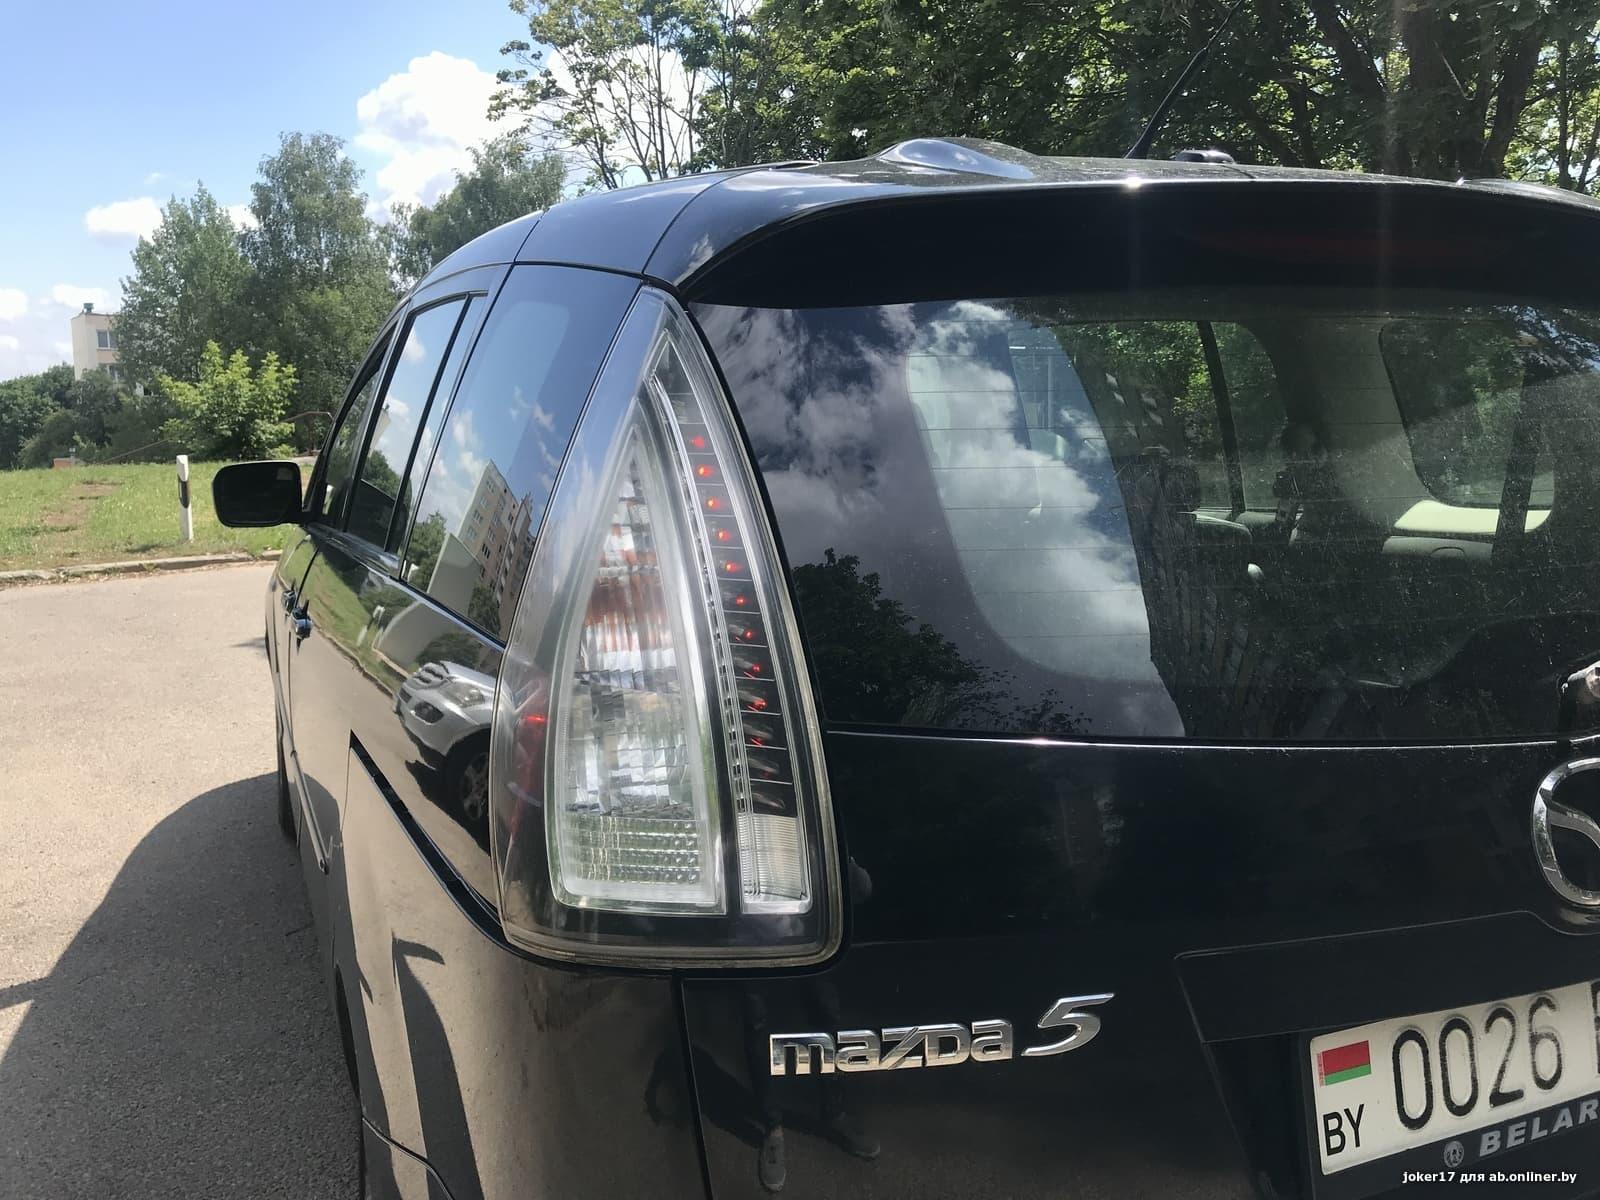 Mazda 5 Sport